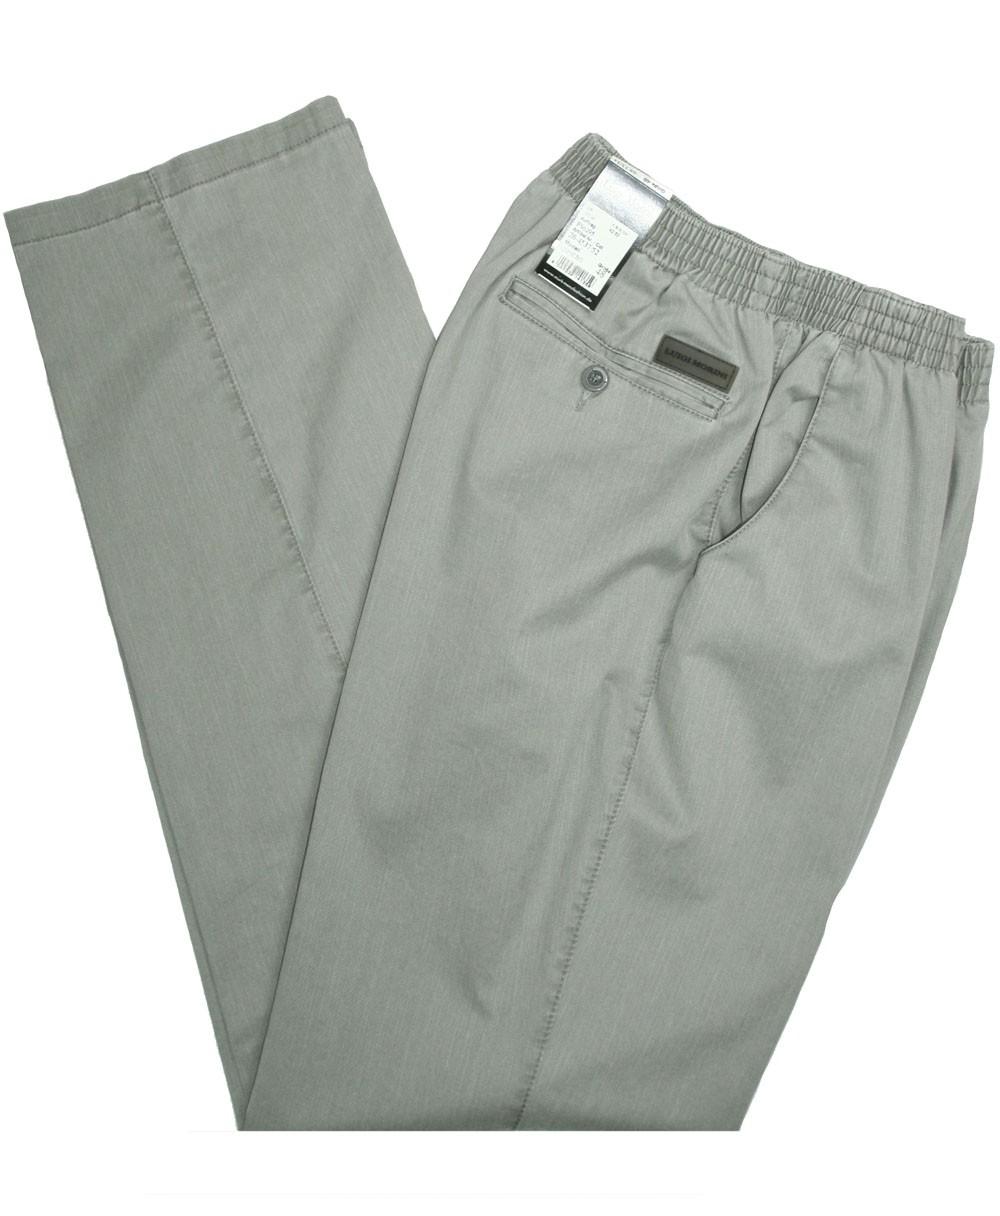 herren jeans stretch schlupfhose amberg 26 4537 52 stein mit struktur herren mode jeans. Black Bedroom Furniture Sets. Home Design Ideas